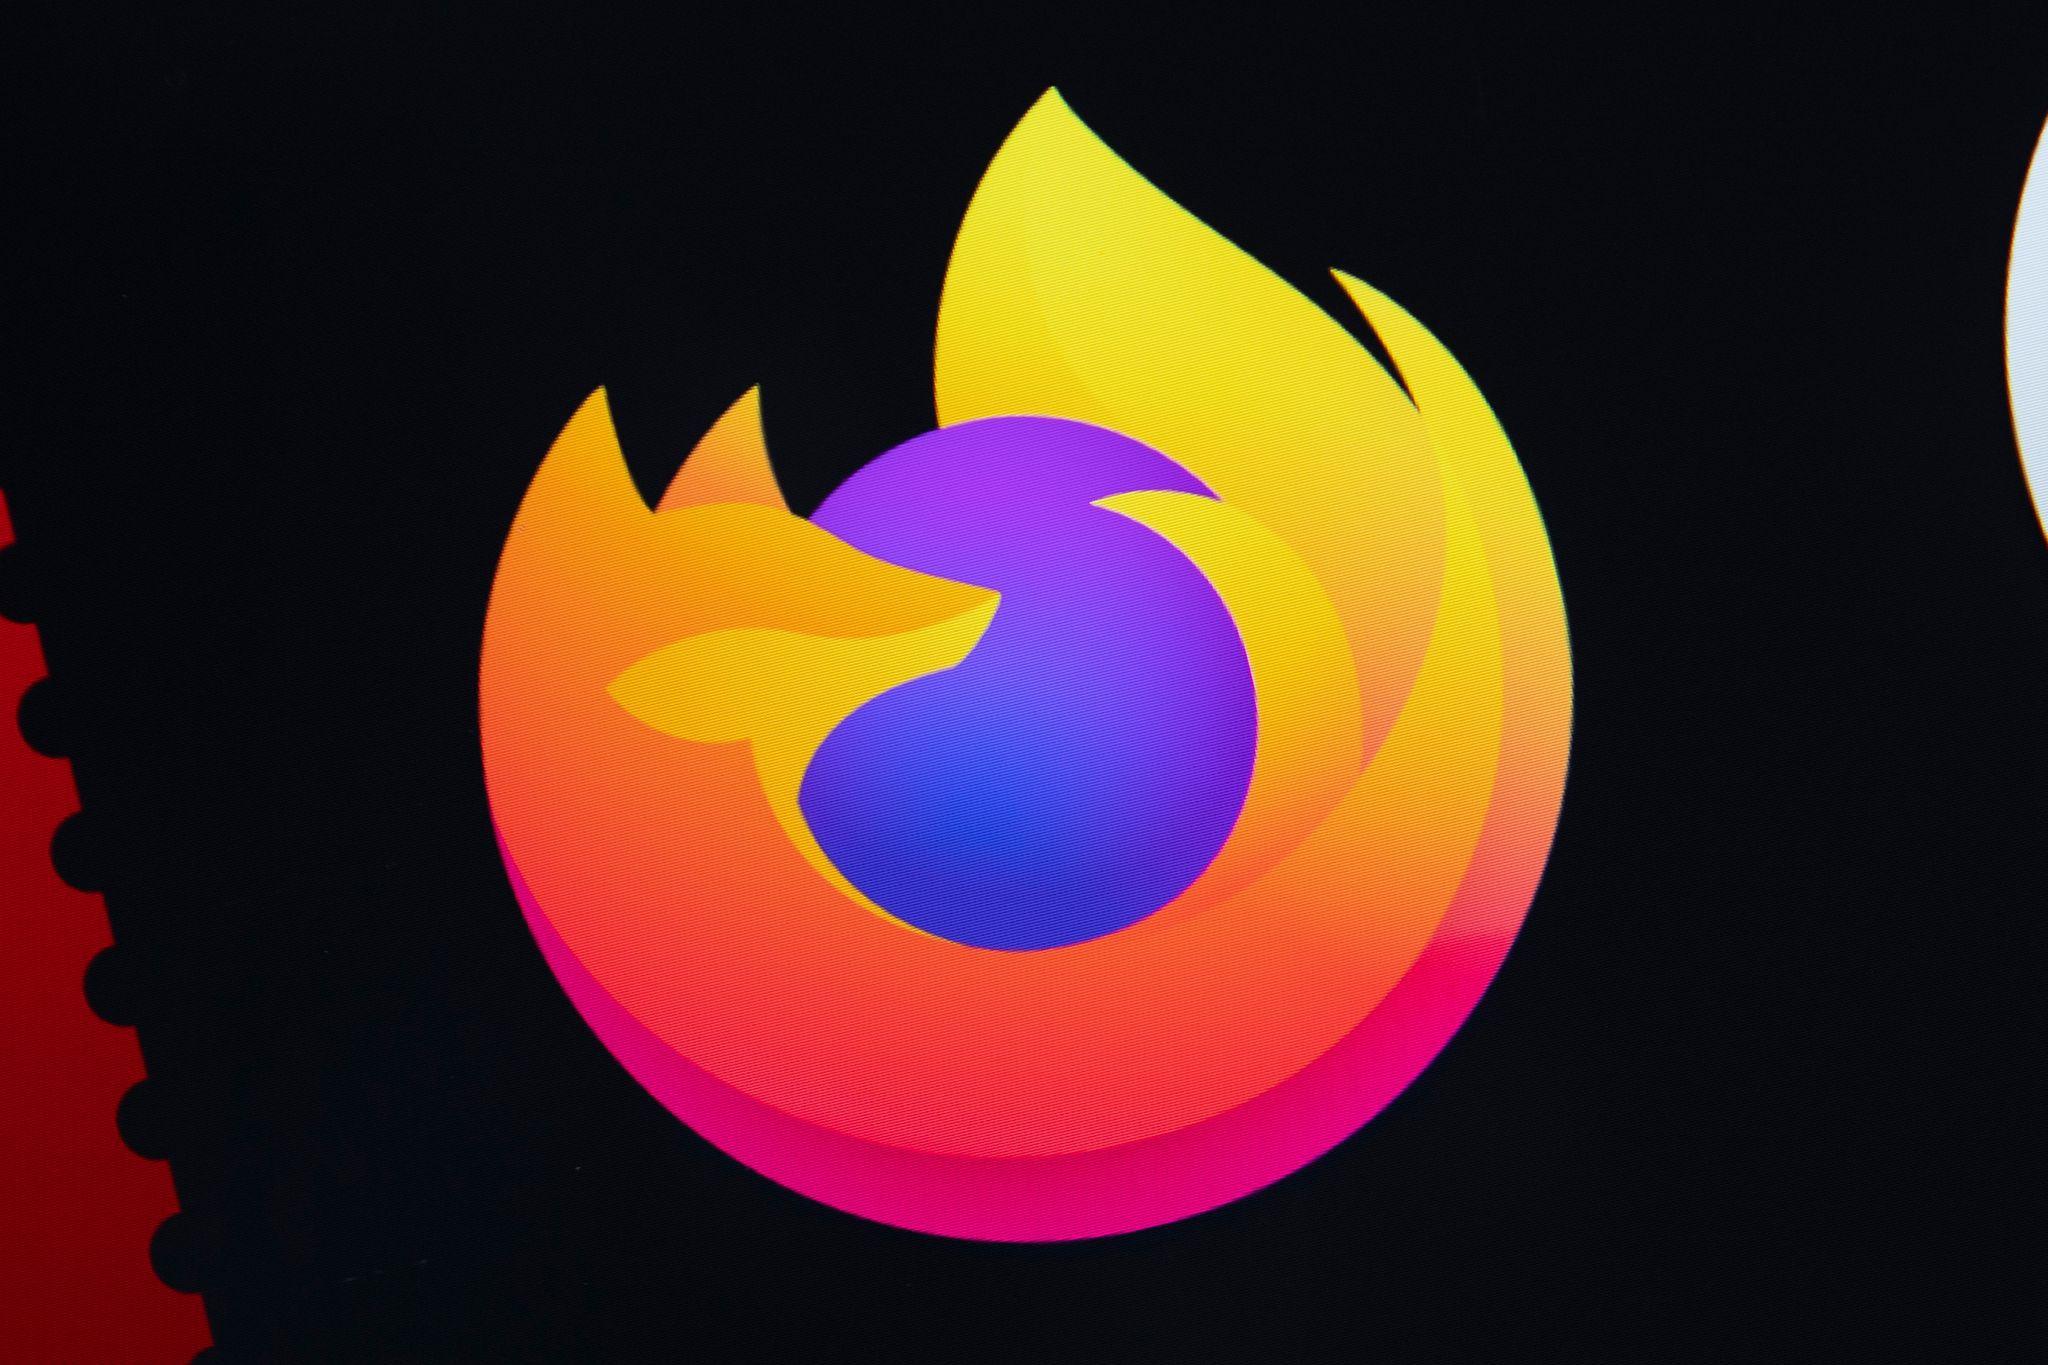 ILUSTRACIÓN - El navegador Firefox presenta en su versión 87 una marca de verificación al lado de la barra de desplazamiento lateral a la derecha de la pantalla, que permite saltar directamente a los resultados buscados. Foto: Catherine Waibel/dpa